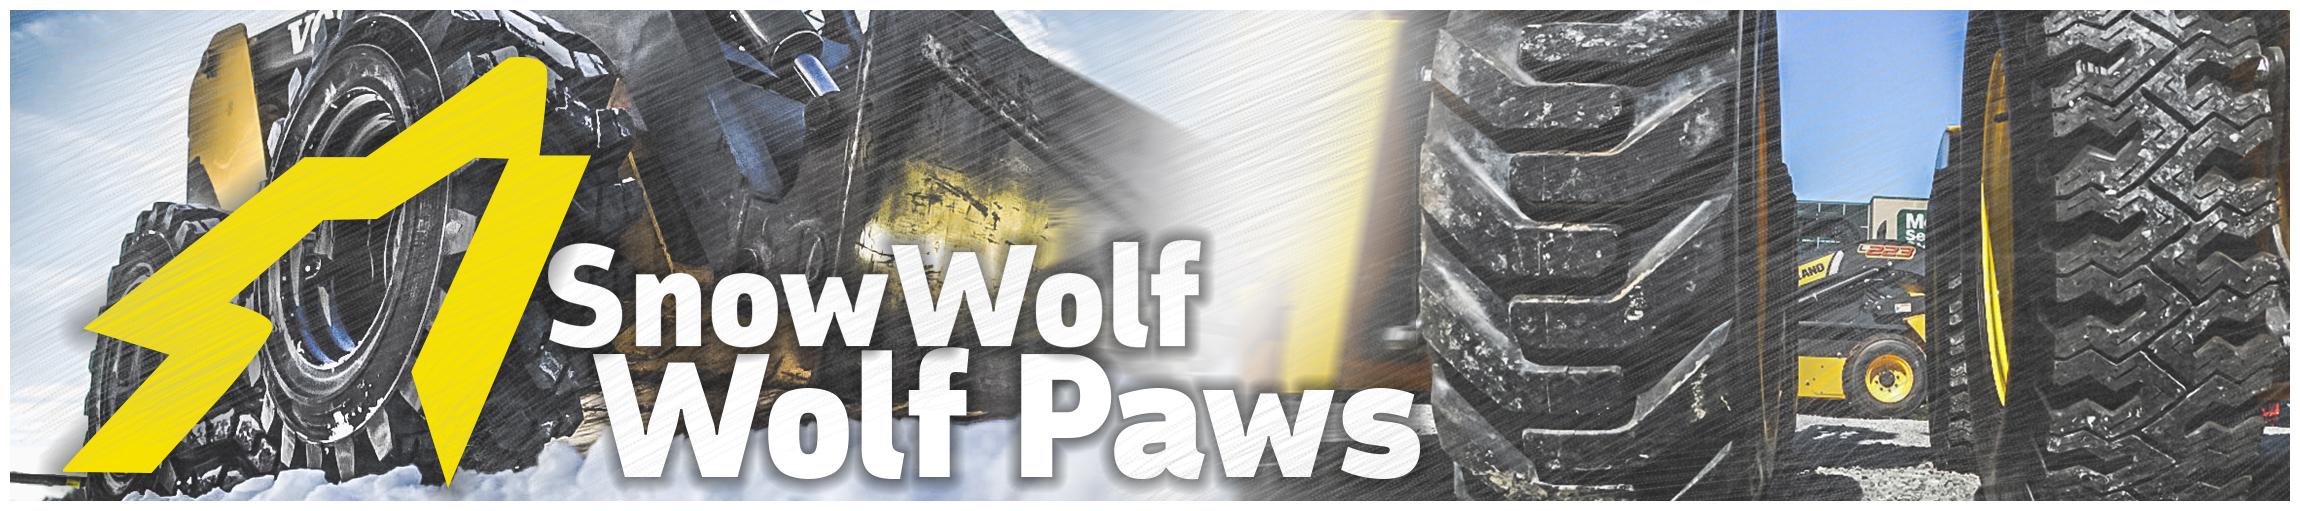 SnowWolf Wolf Paws